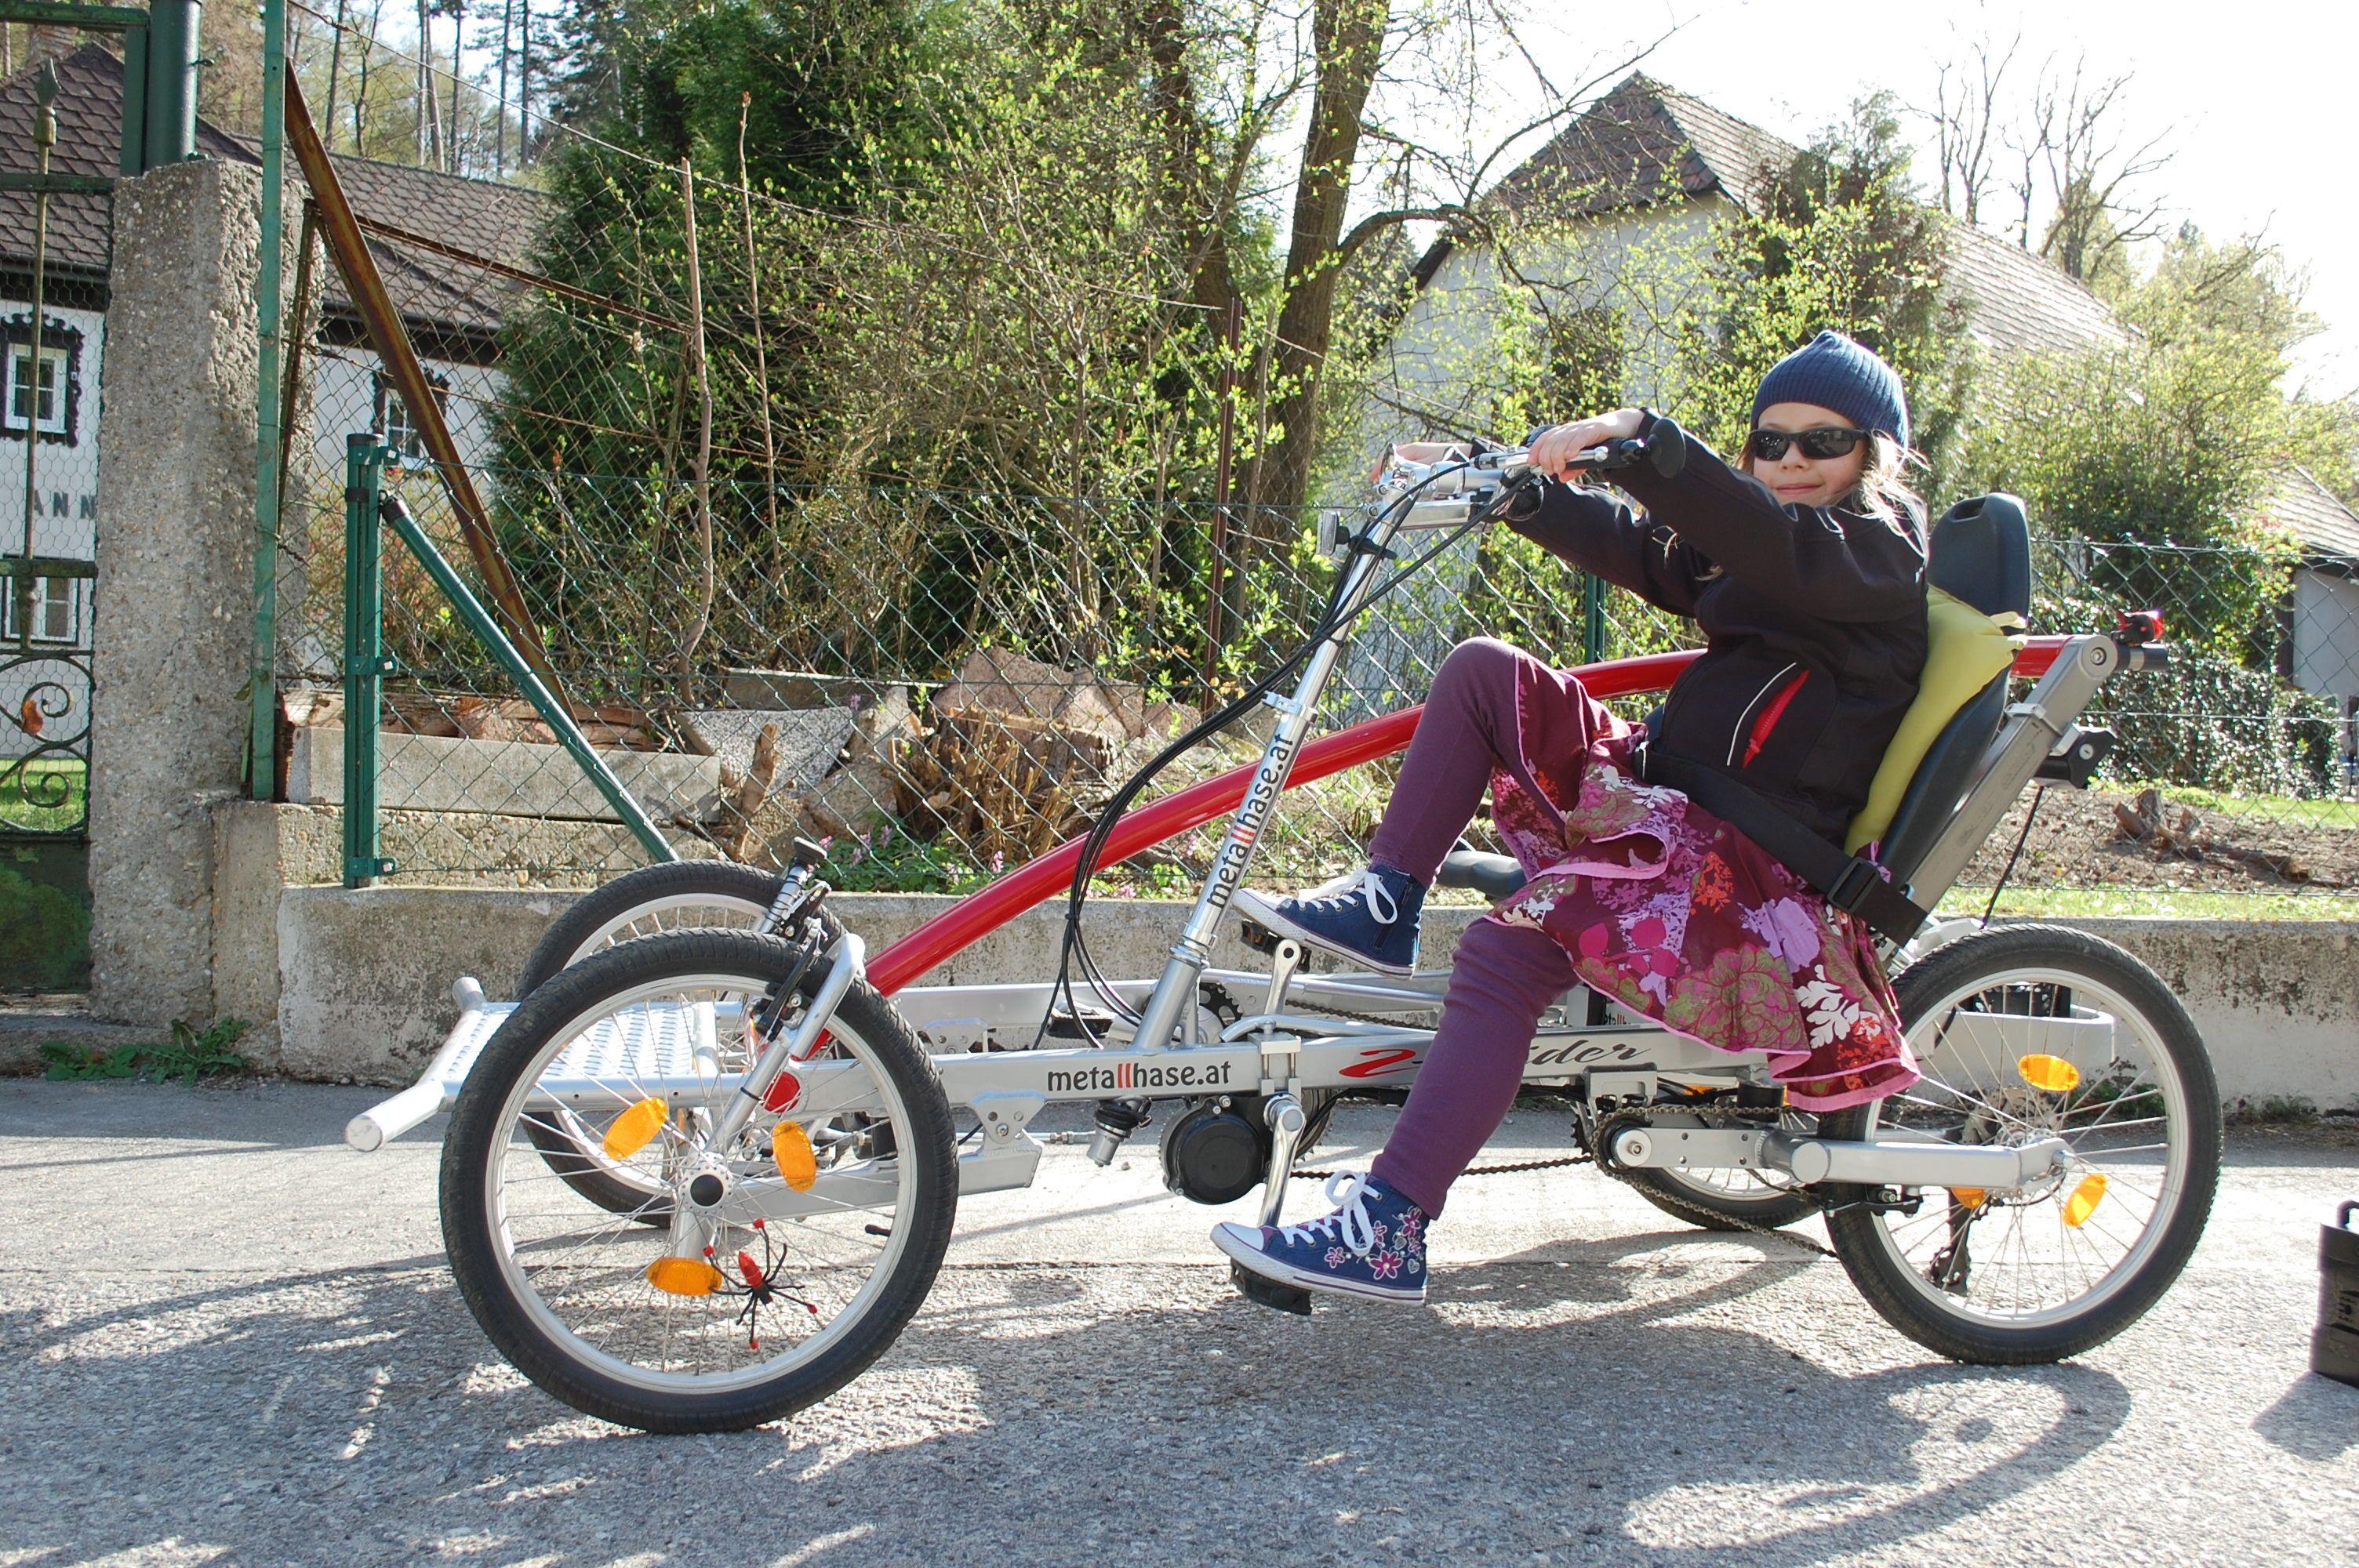 Stadtfahrrad metallhase Mutter und Kind fahren Vierrad